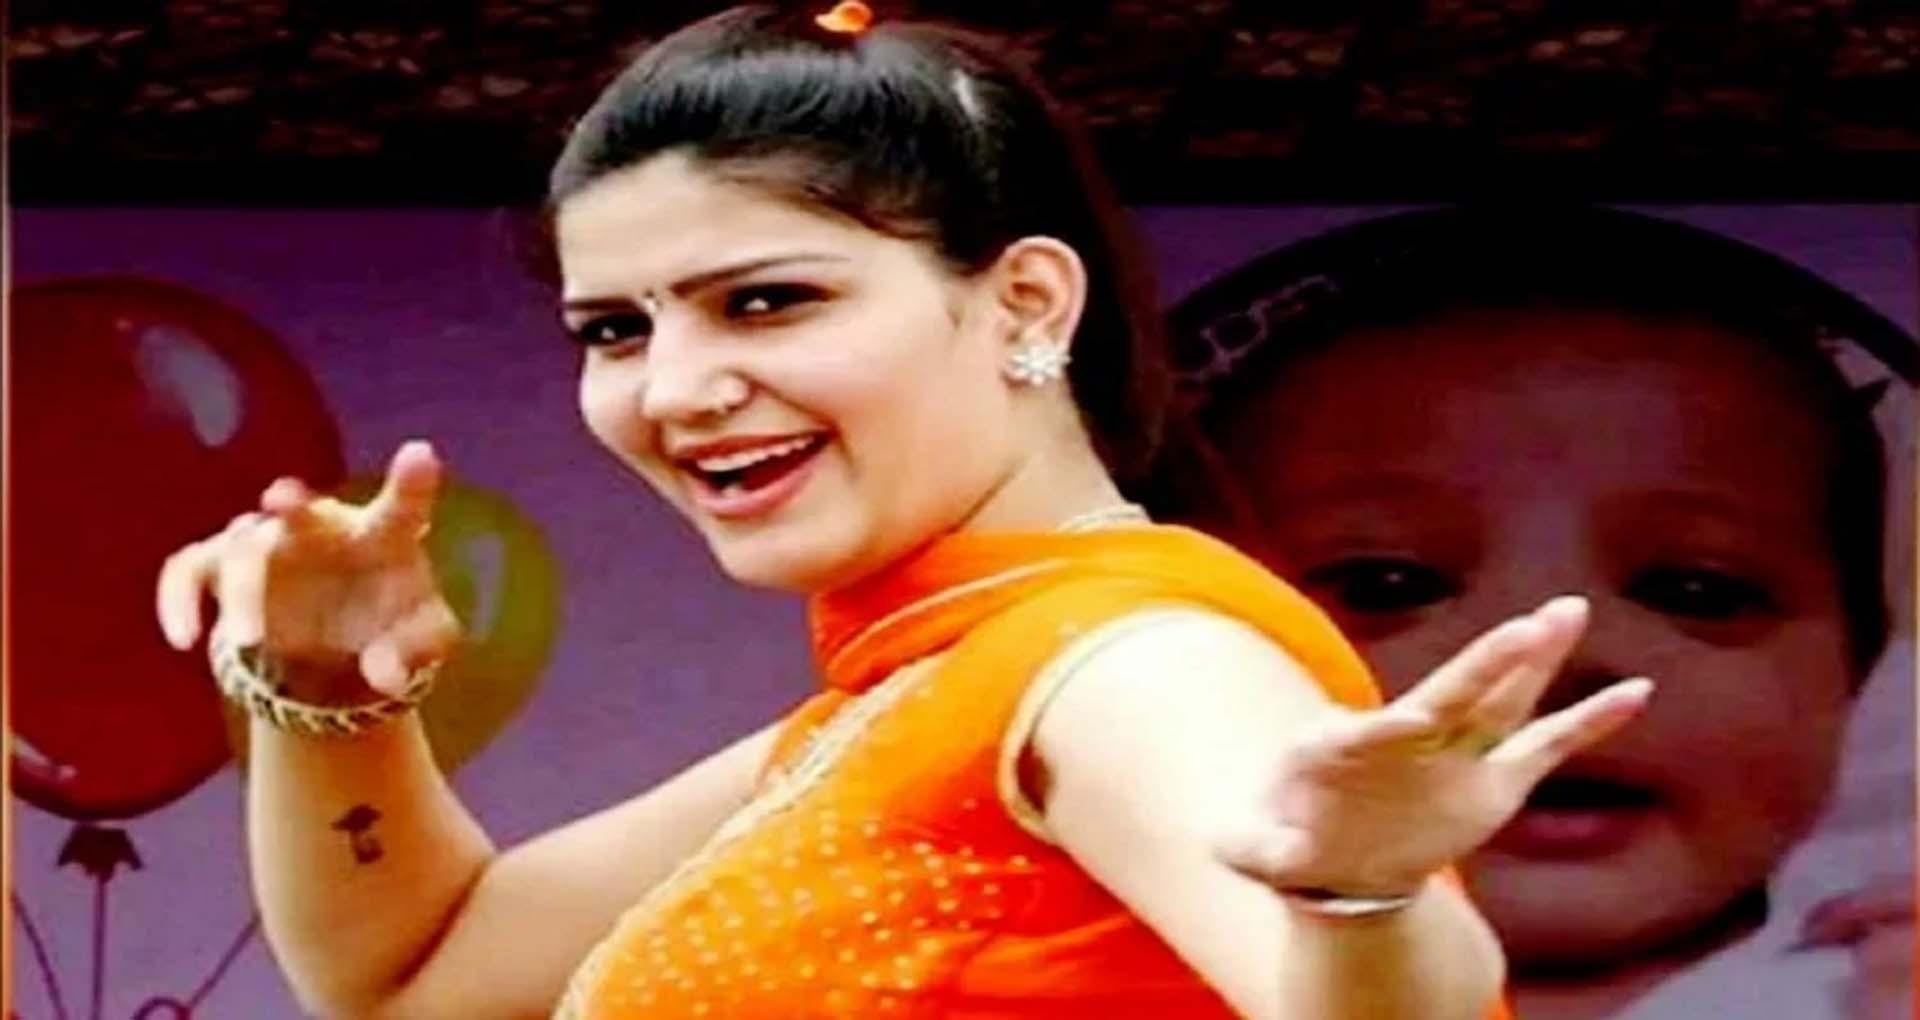 Sapna Choudhary Dance Video: सपना चौधरी के गाने 'तेरी आंख्यां का यो काजल' की धूम! देखें Video